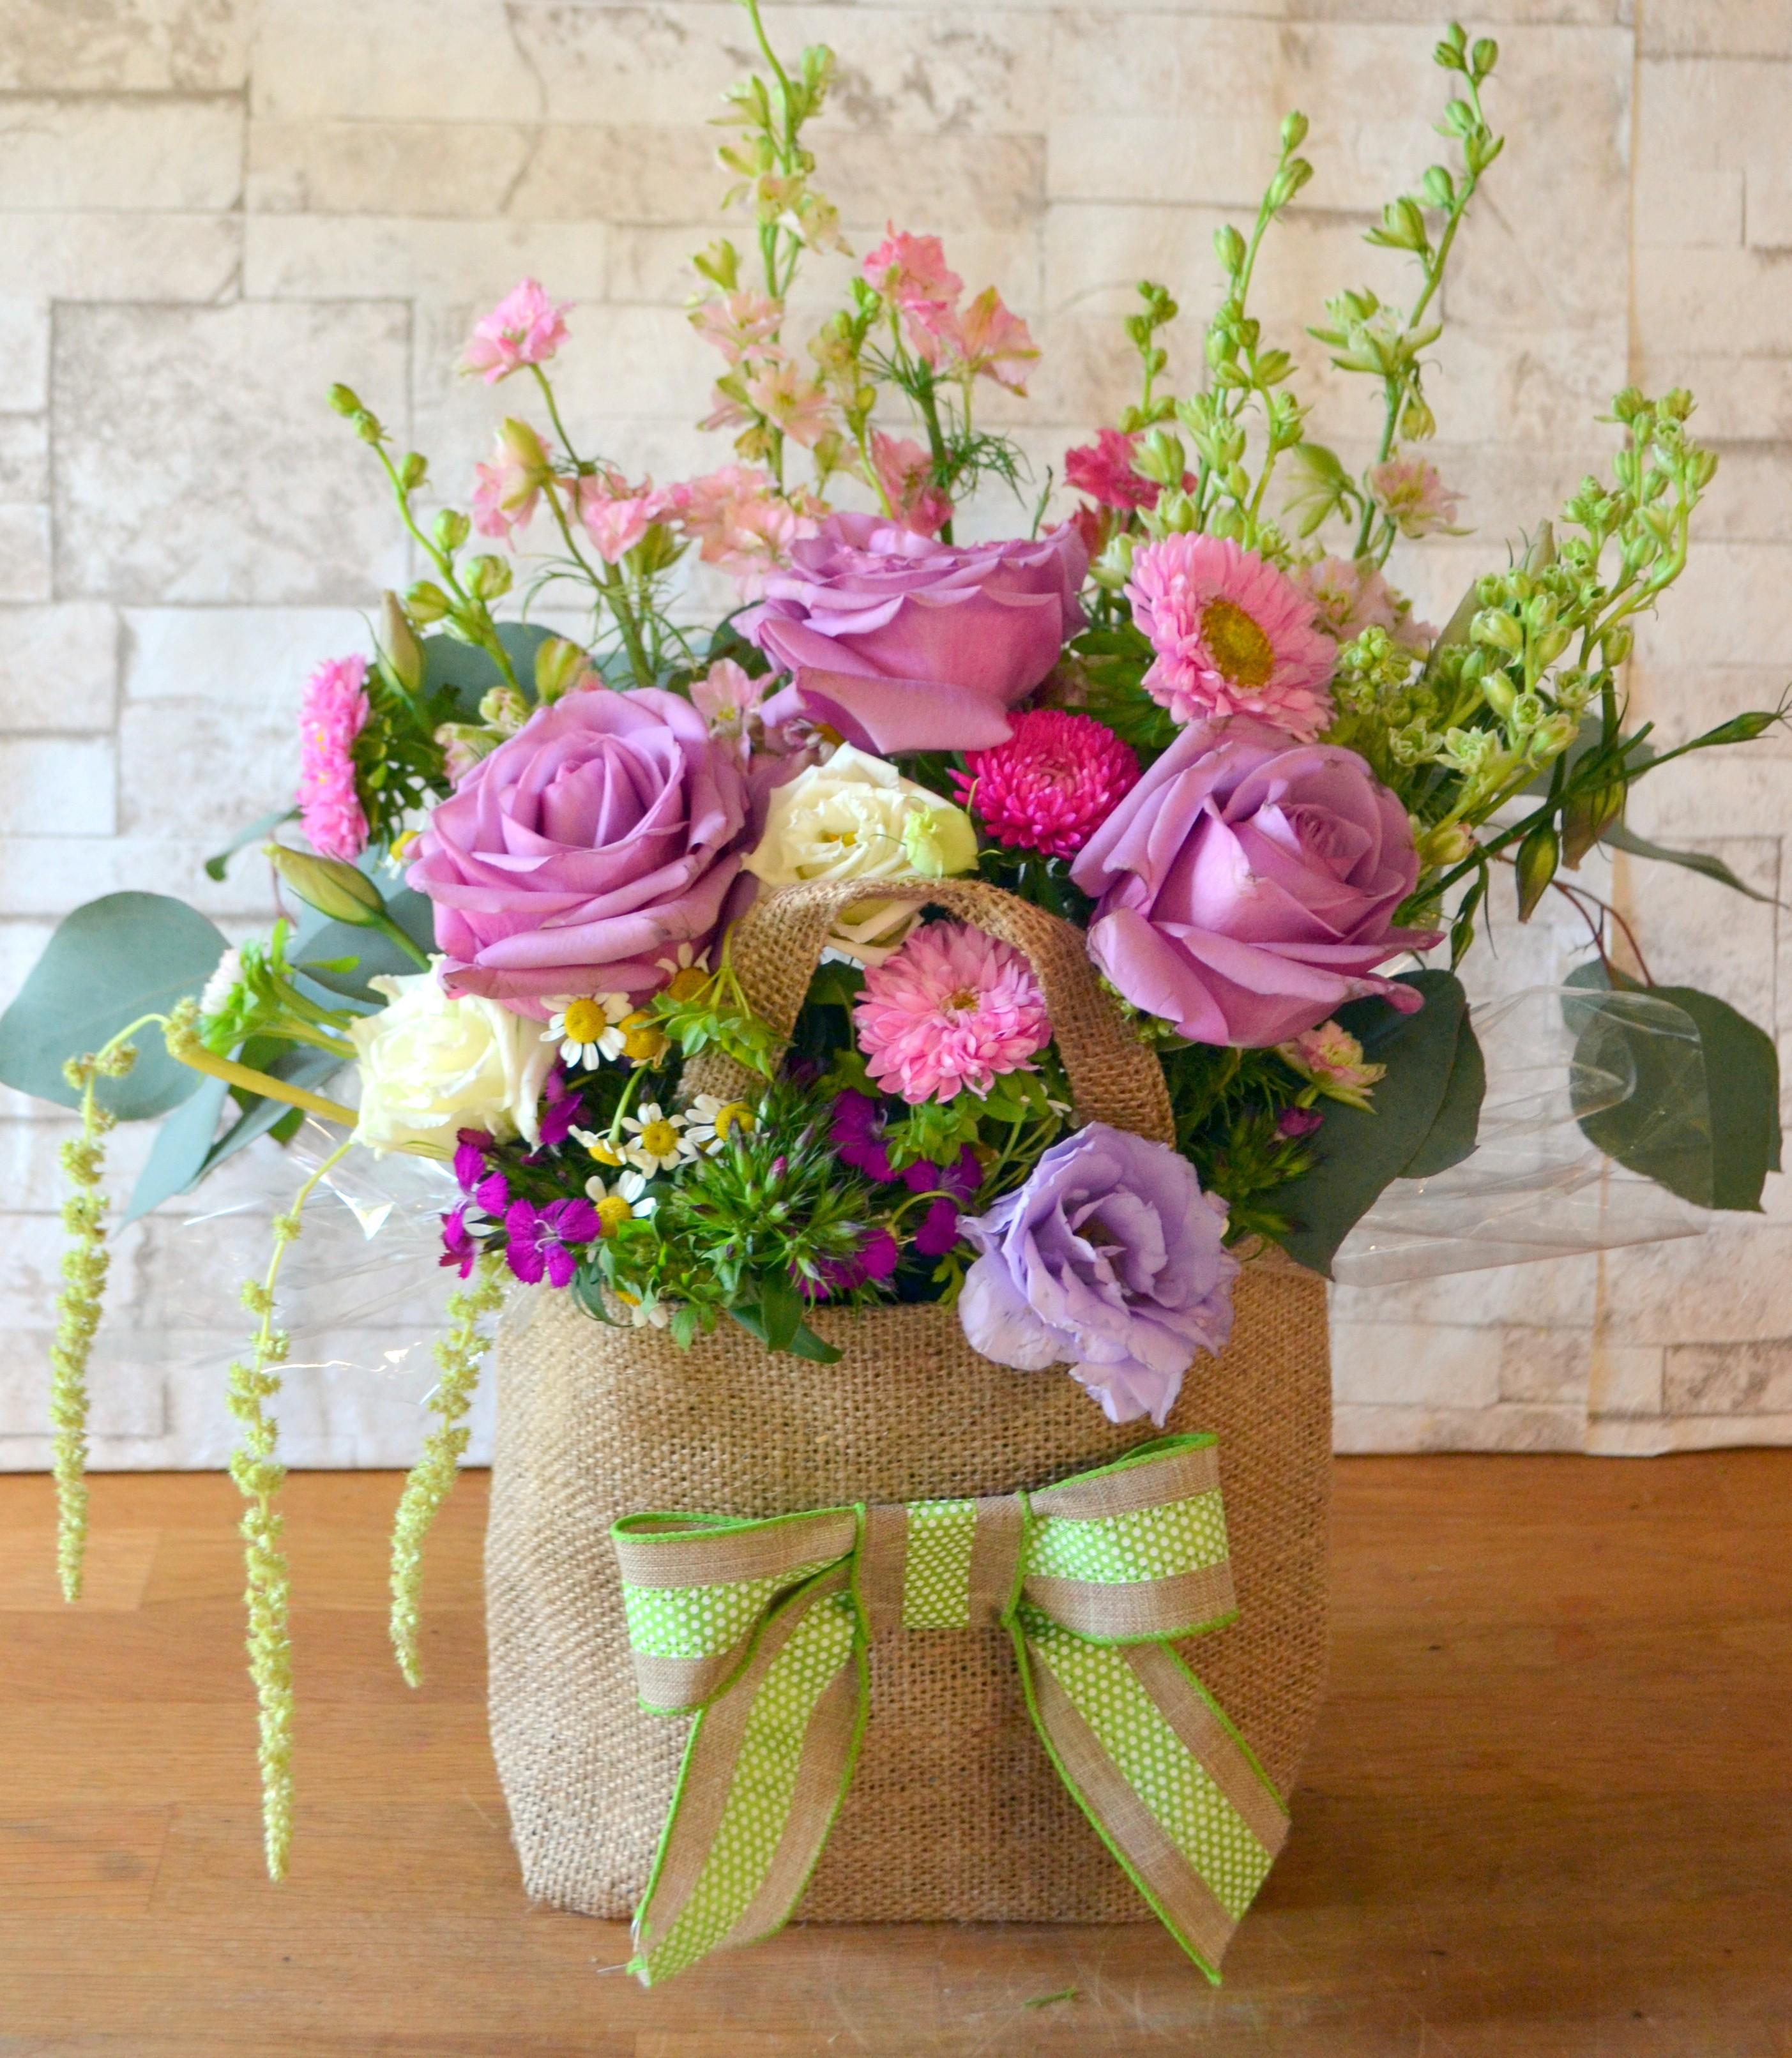 Hình ảnh hoa đẹp chúc mừng sinh nhật